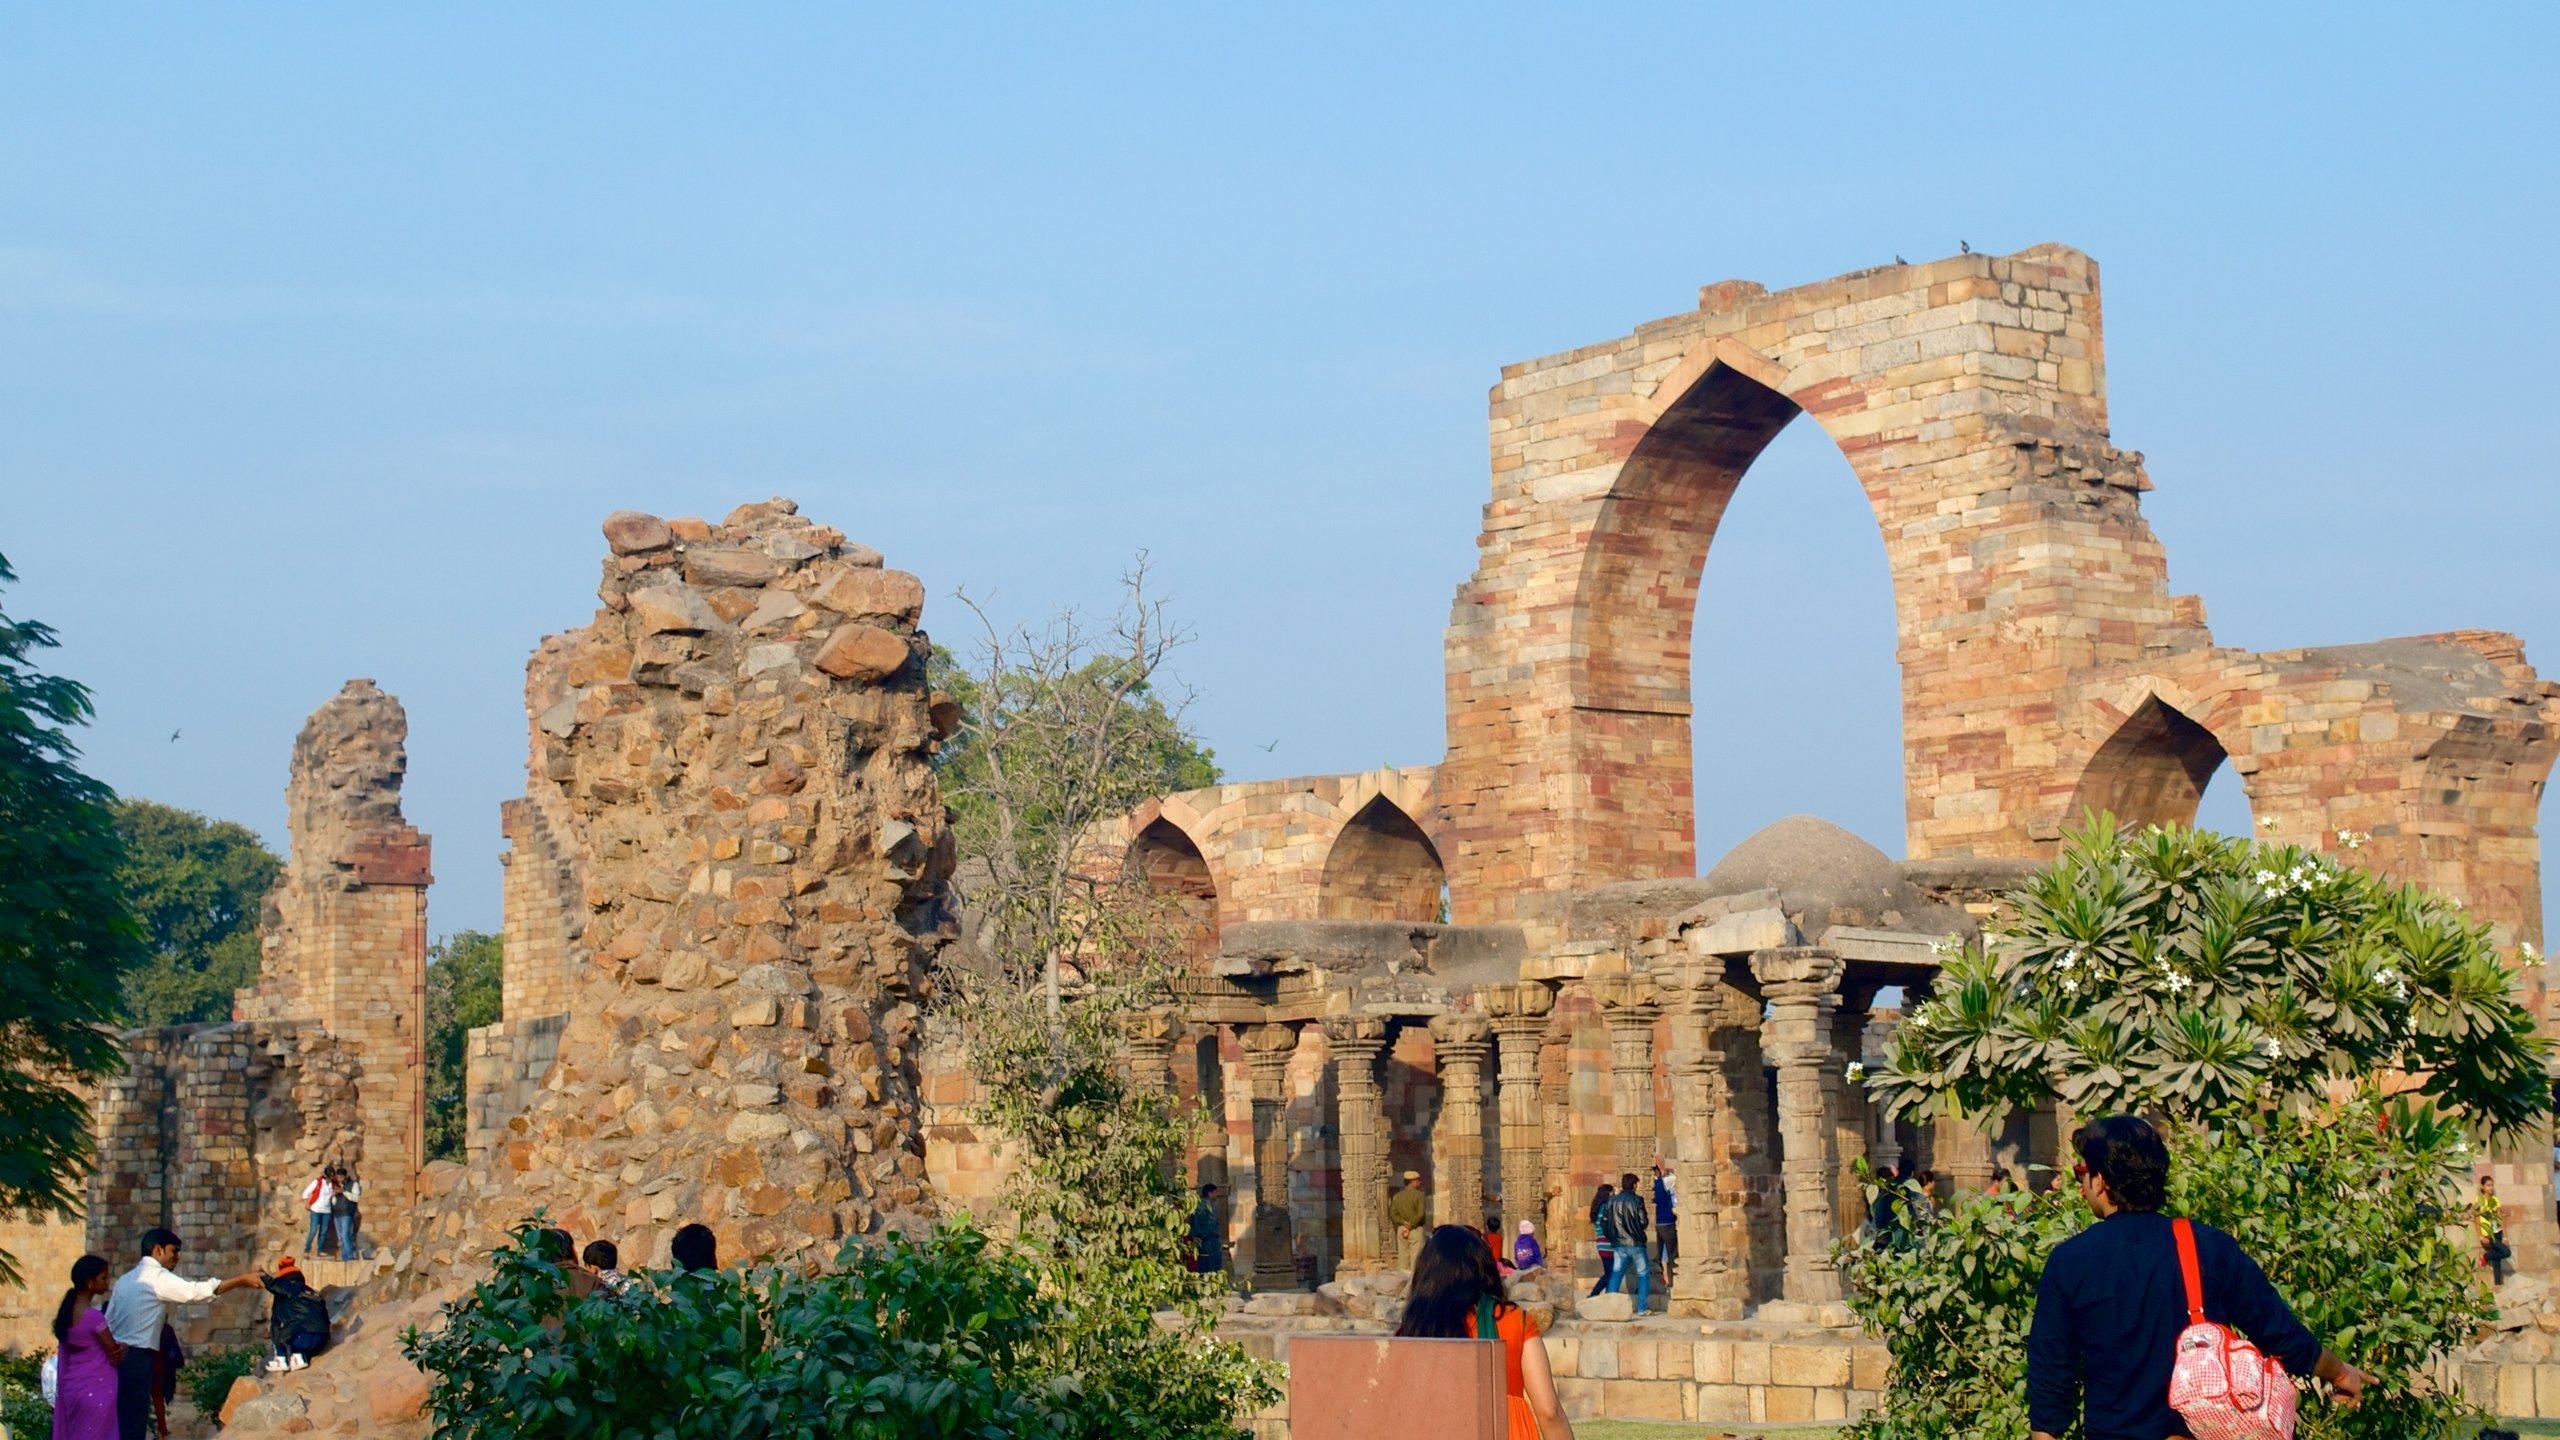 South Delhi, National Capital Territory of Delhi, India